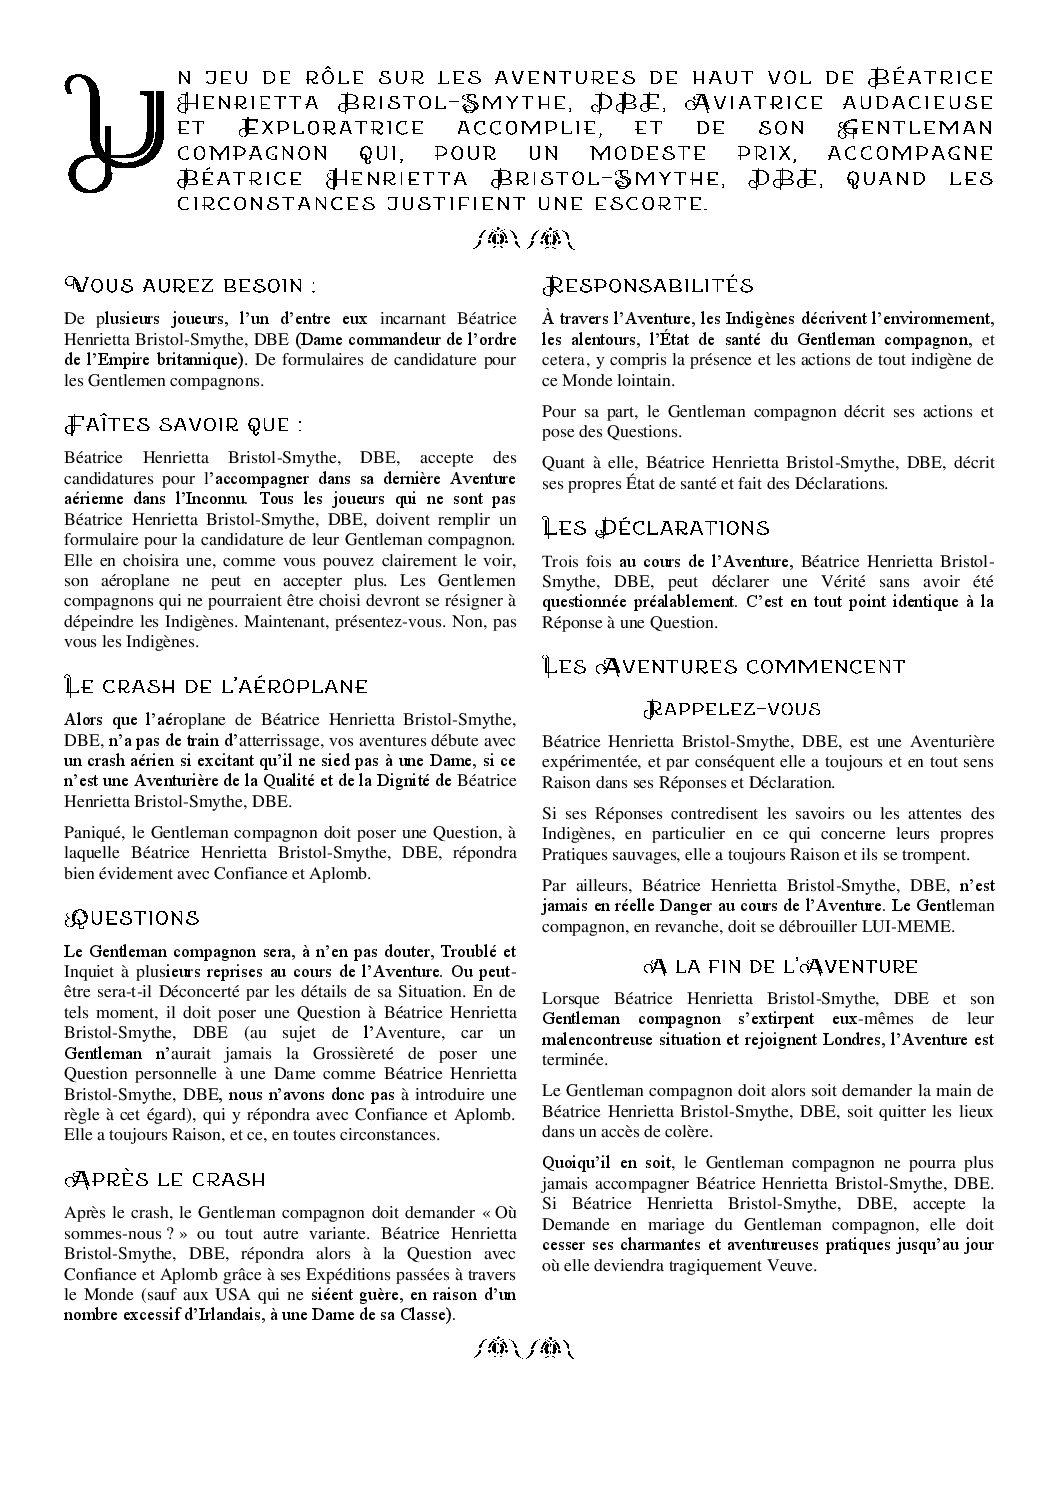 Les Aventures de haut vol de Béatrice Henrietta Bristol-Smythe, DBE